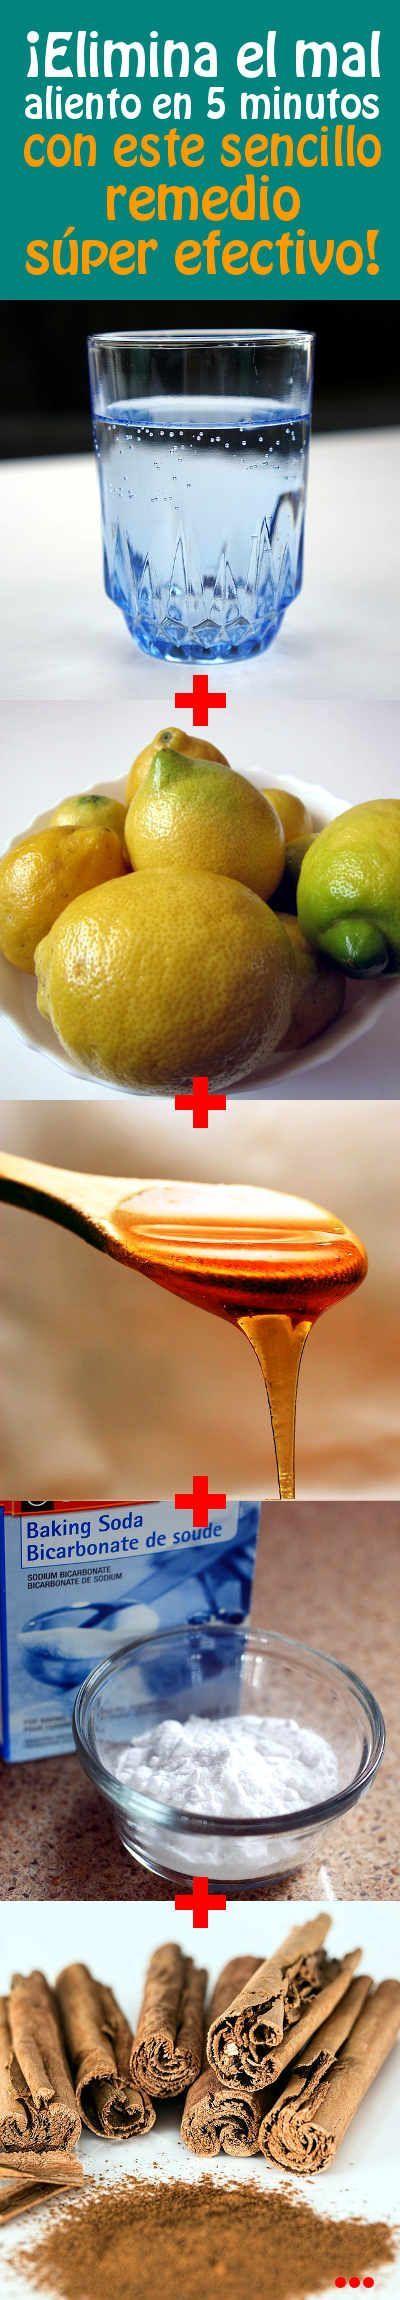 ¡Elimina el mal aliento en 5 minutos, con este sencillo remedio súper efectivo! Preparación y forma de uso:  - Mezclamos el jugo de limón junto con la canela y la miel en una botella.  (También puede usar bicarbonato si no tienes la miel). - Agregar una taza de agua tibia y agitar todo bien. - Para aplicar este remedio utilizaremos 1 o 2 cucharadas de este remedio para hacer gárgaras y escupir después de varios minutos.